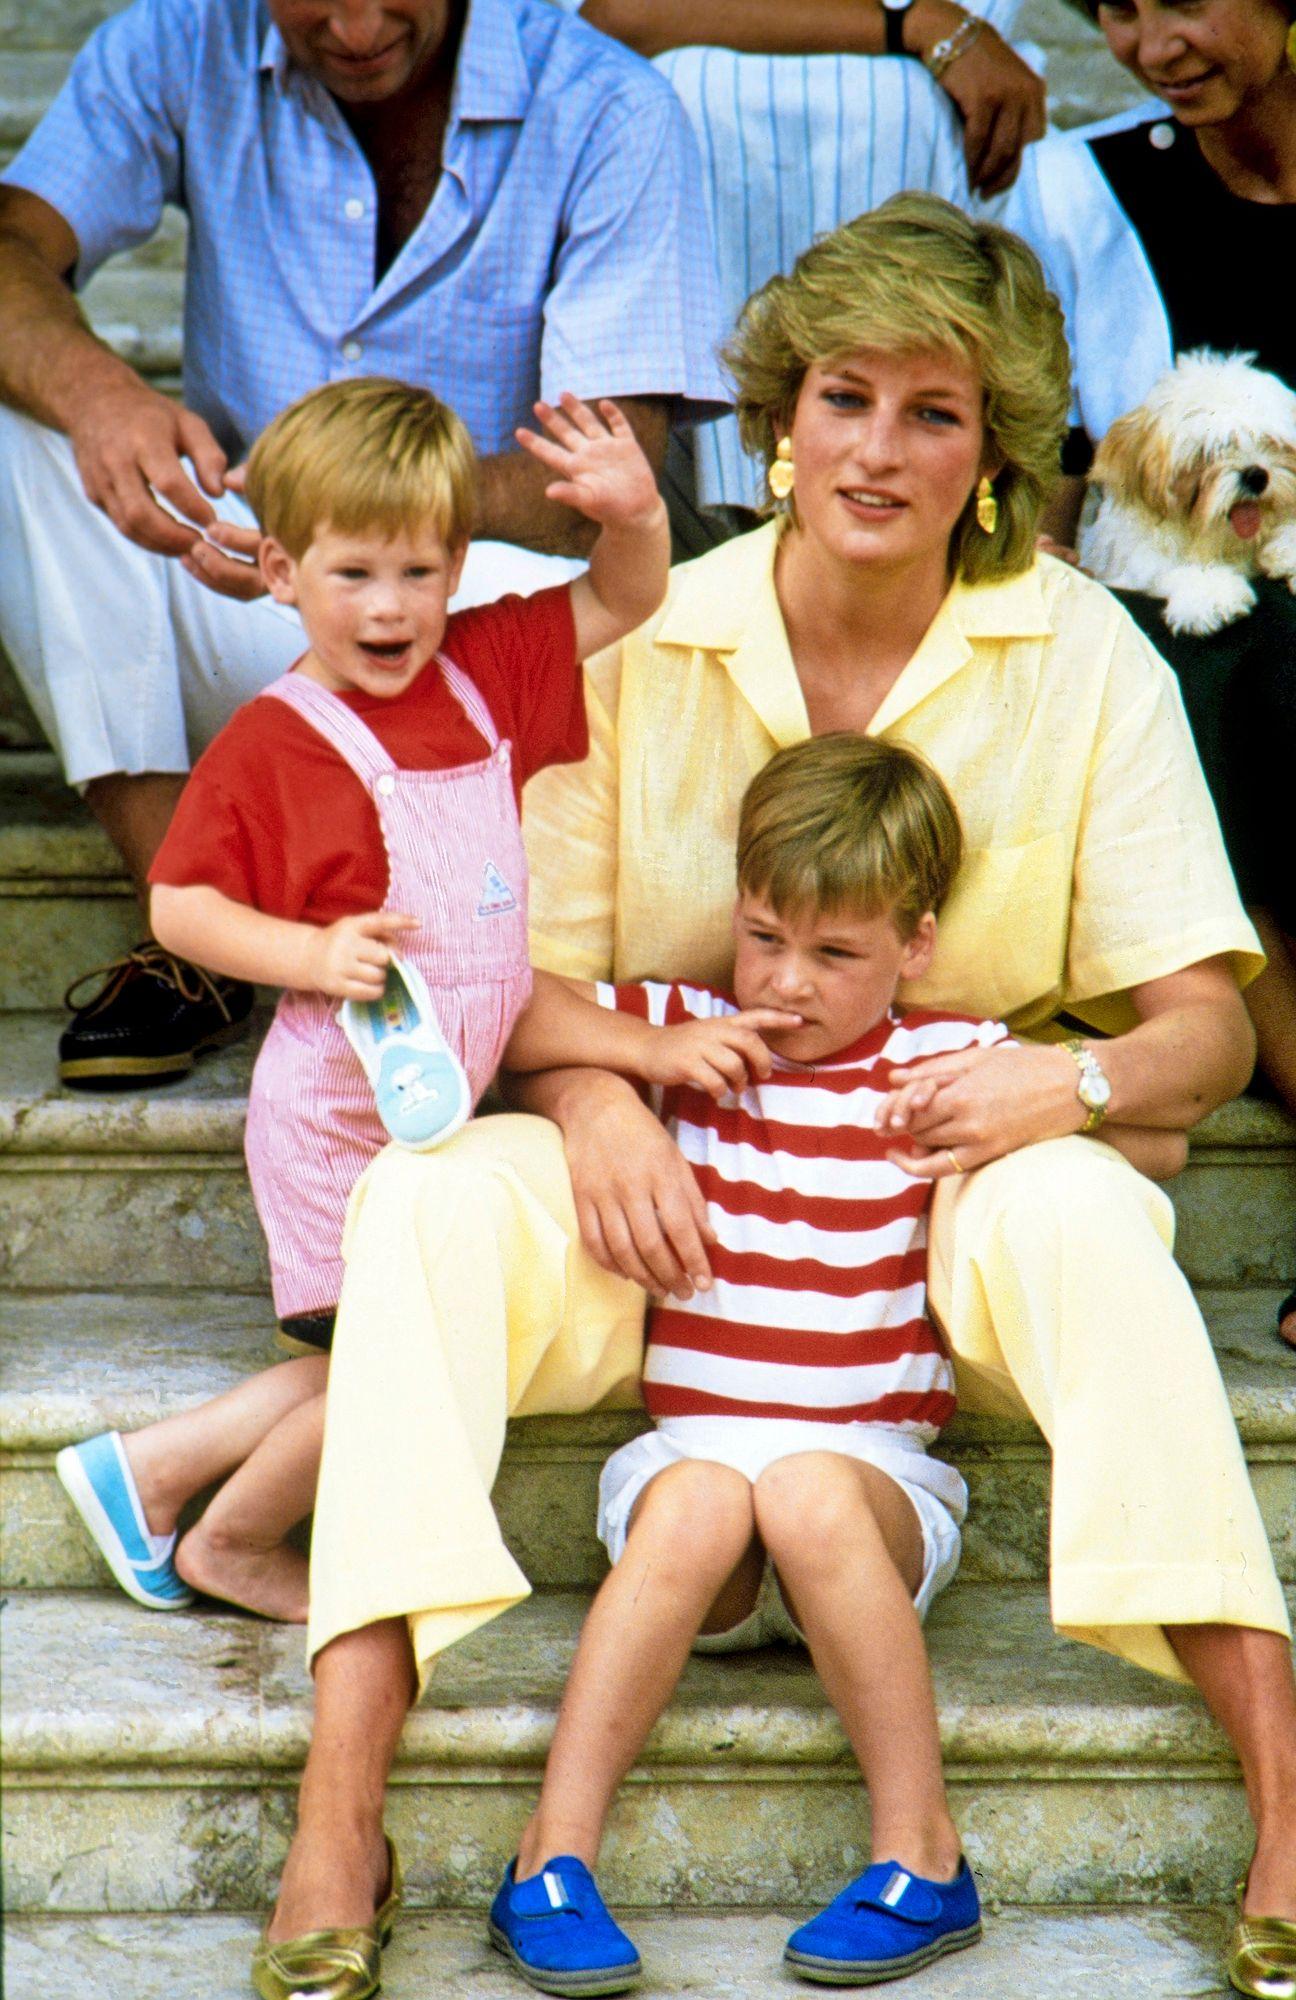 Elokuussa 1987 Diana lomaili poikiensa kanssa Espanjan silloisen kuninkaan Juan Carlosin vieraana Mallorcalla. Nykyään Williamilla ja Harryllä ei tunnu olevan erityistä yhteyttä Espanjan kuninkaallisiin. © Mike Moore / News Licensing / MVPhotos